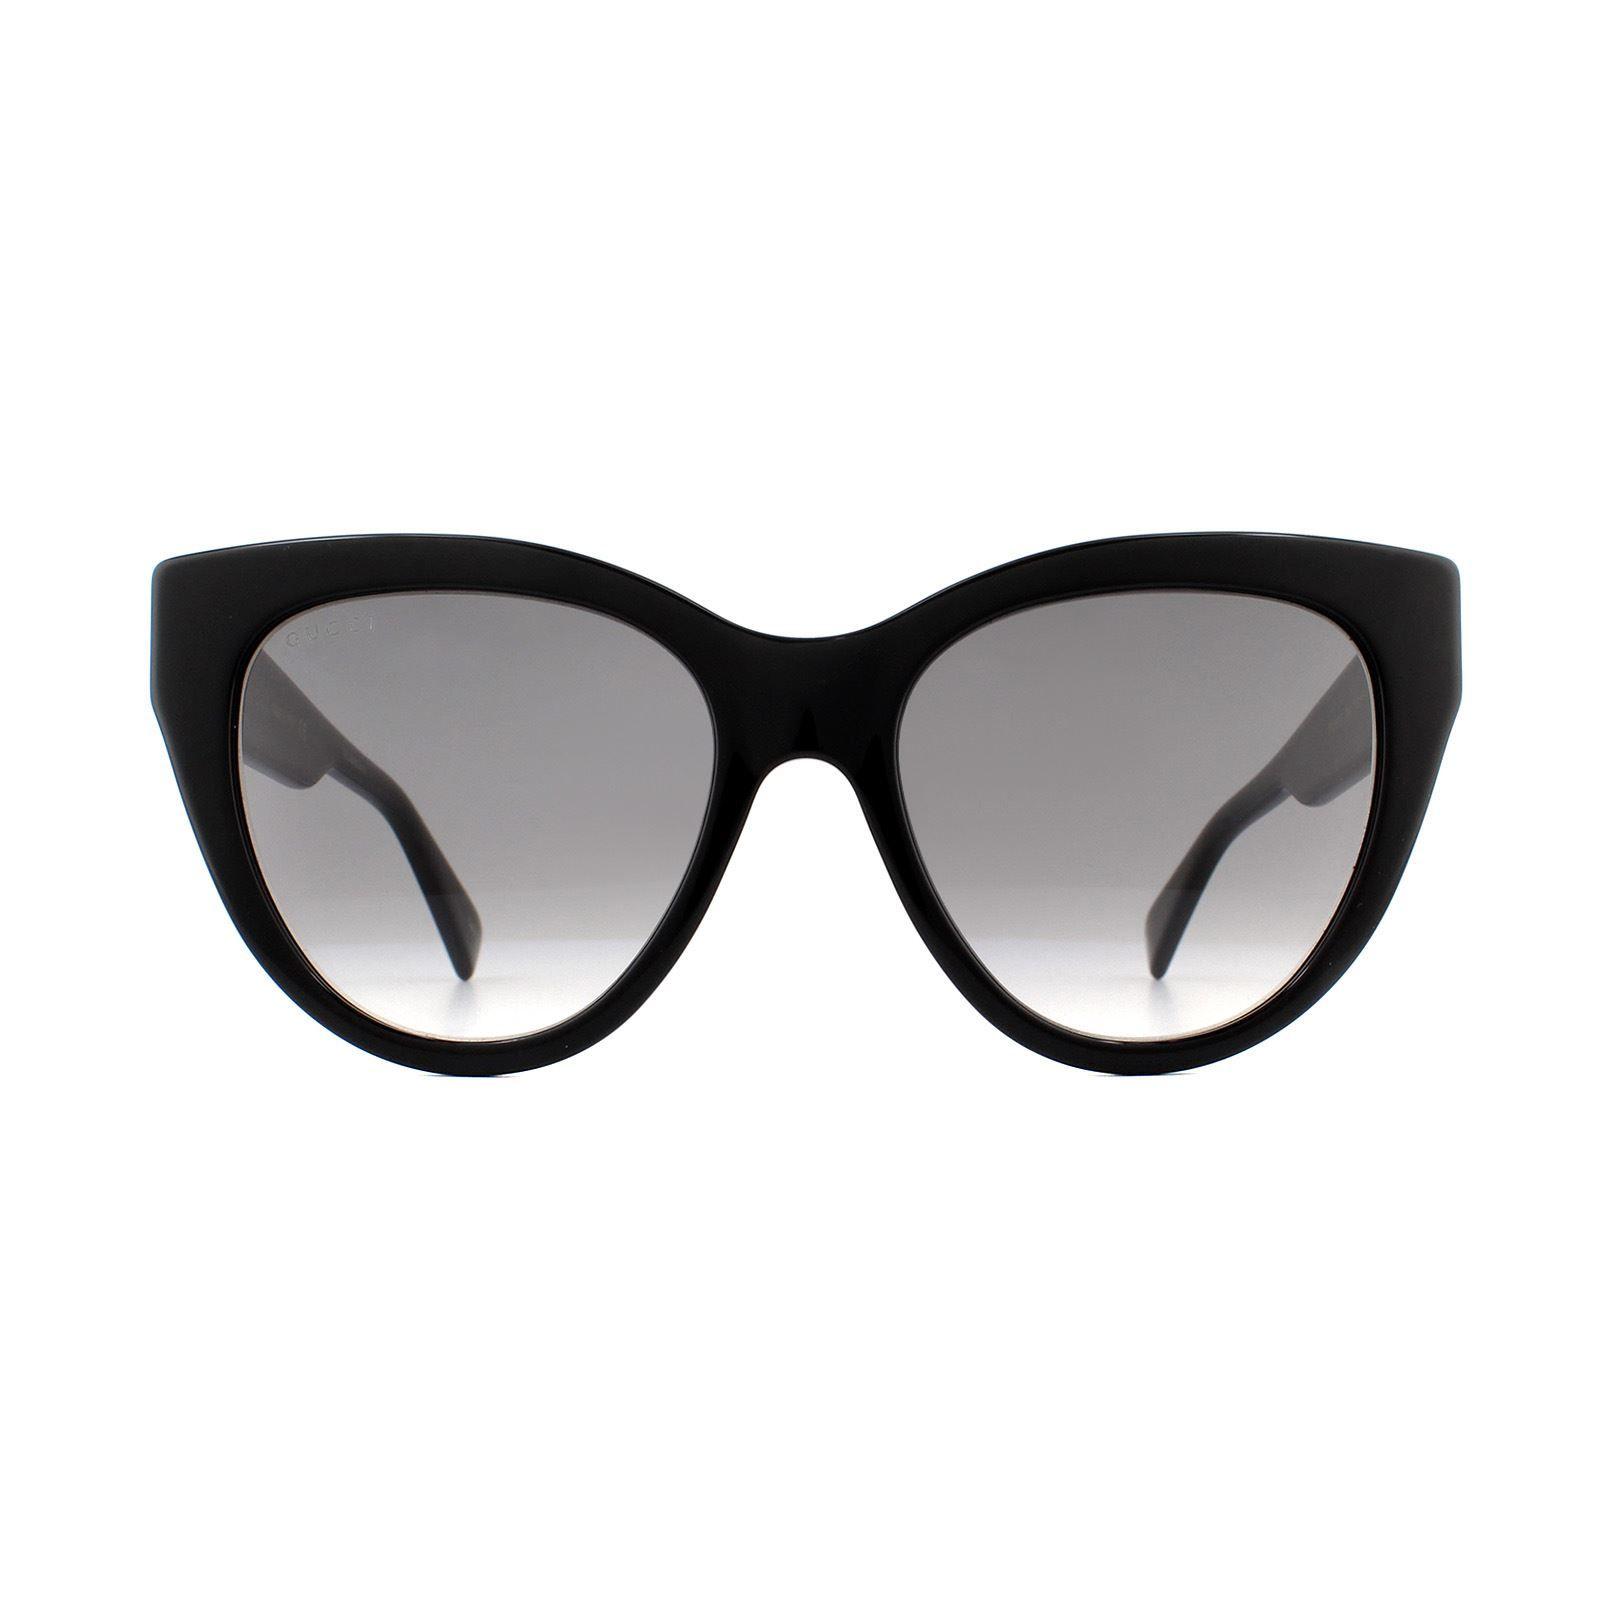 Gucci Sunglasses GG0460S 001 Black Grey Gradient